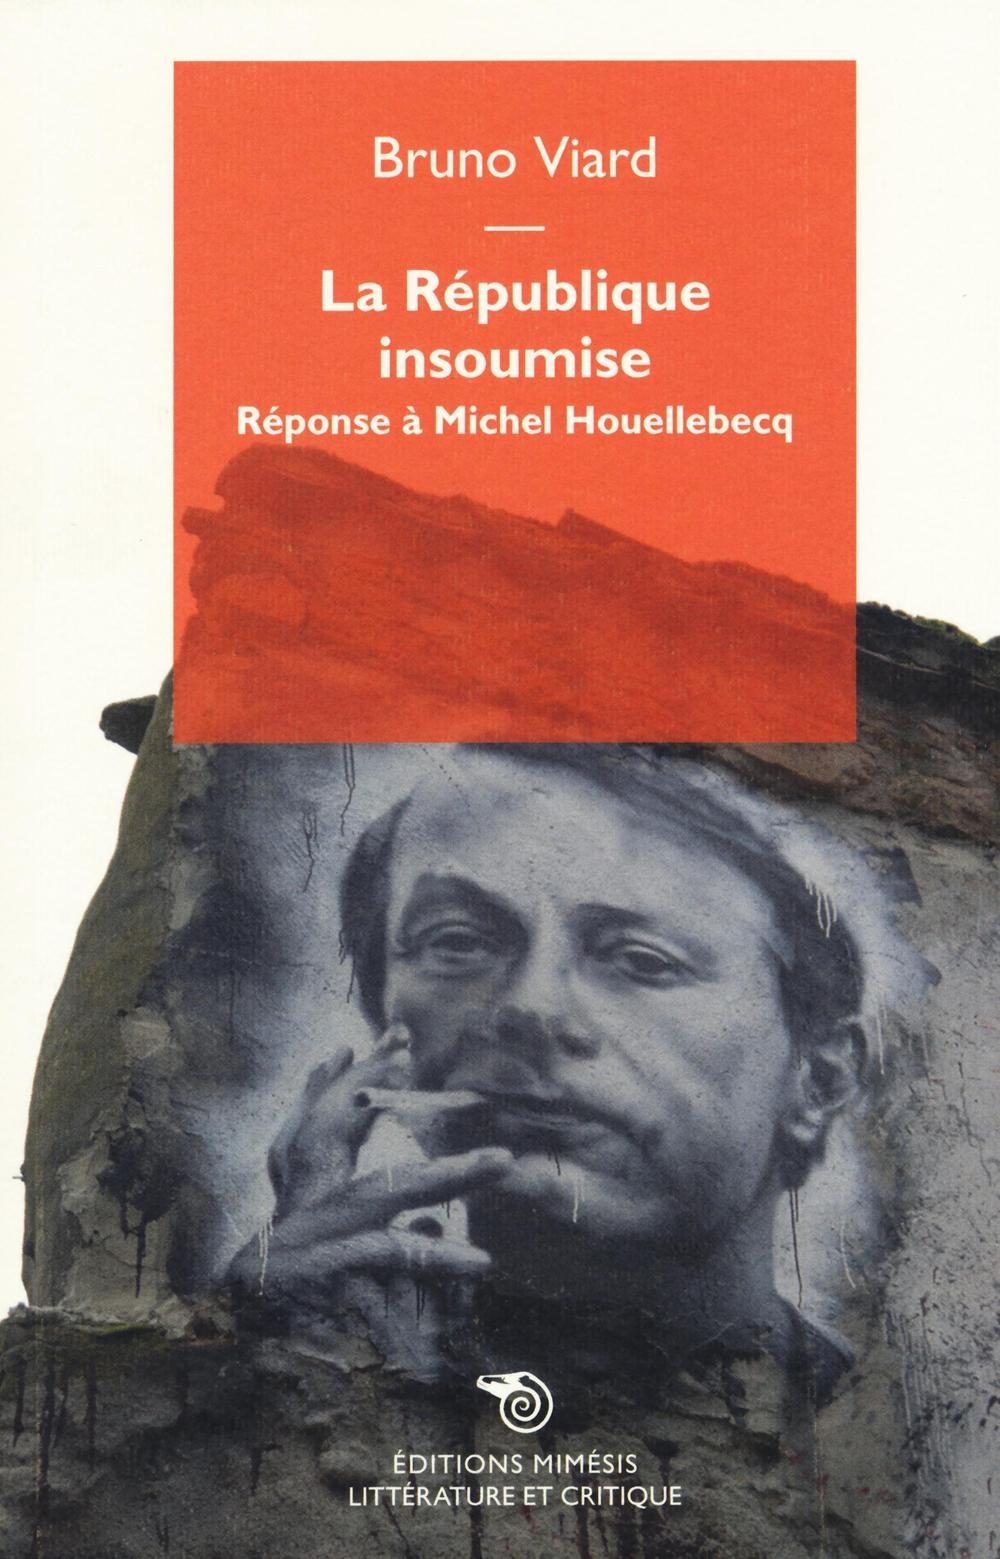 La République insoumise - Réponse à Michel Houellebecq